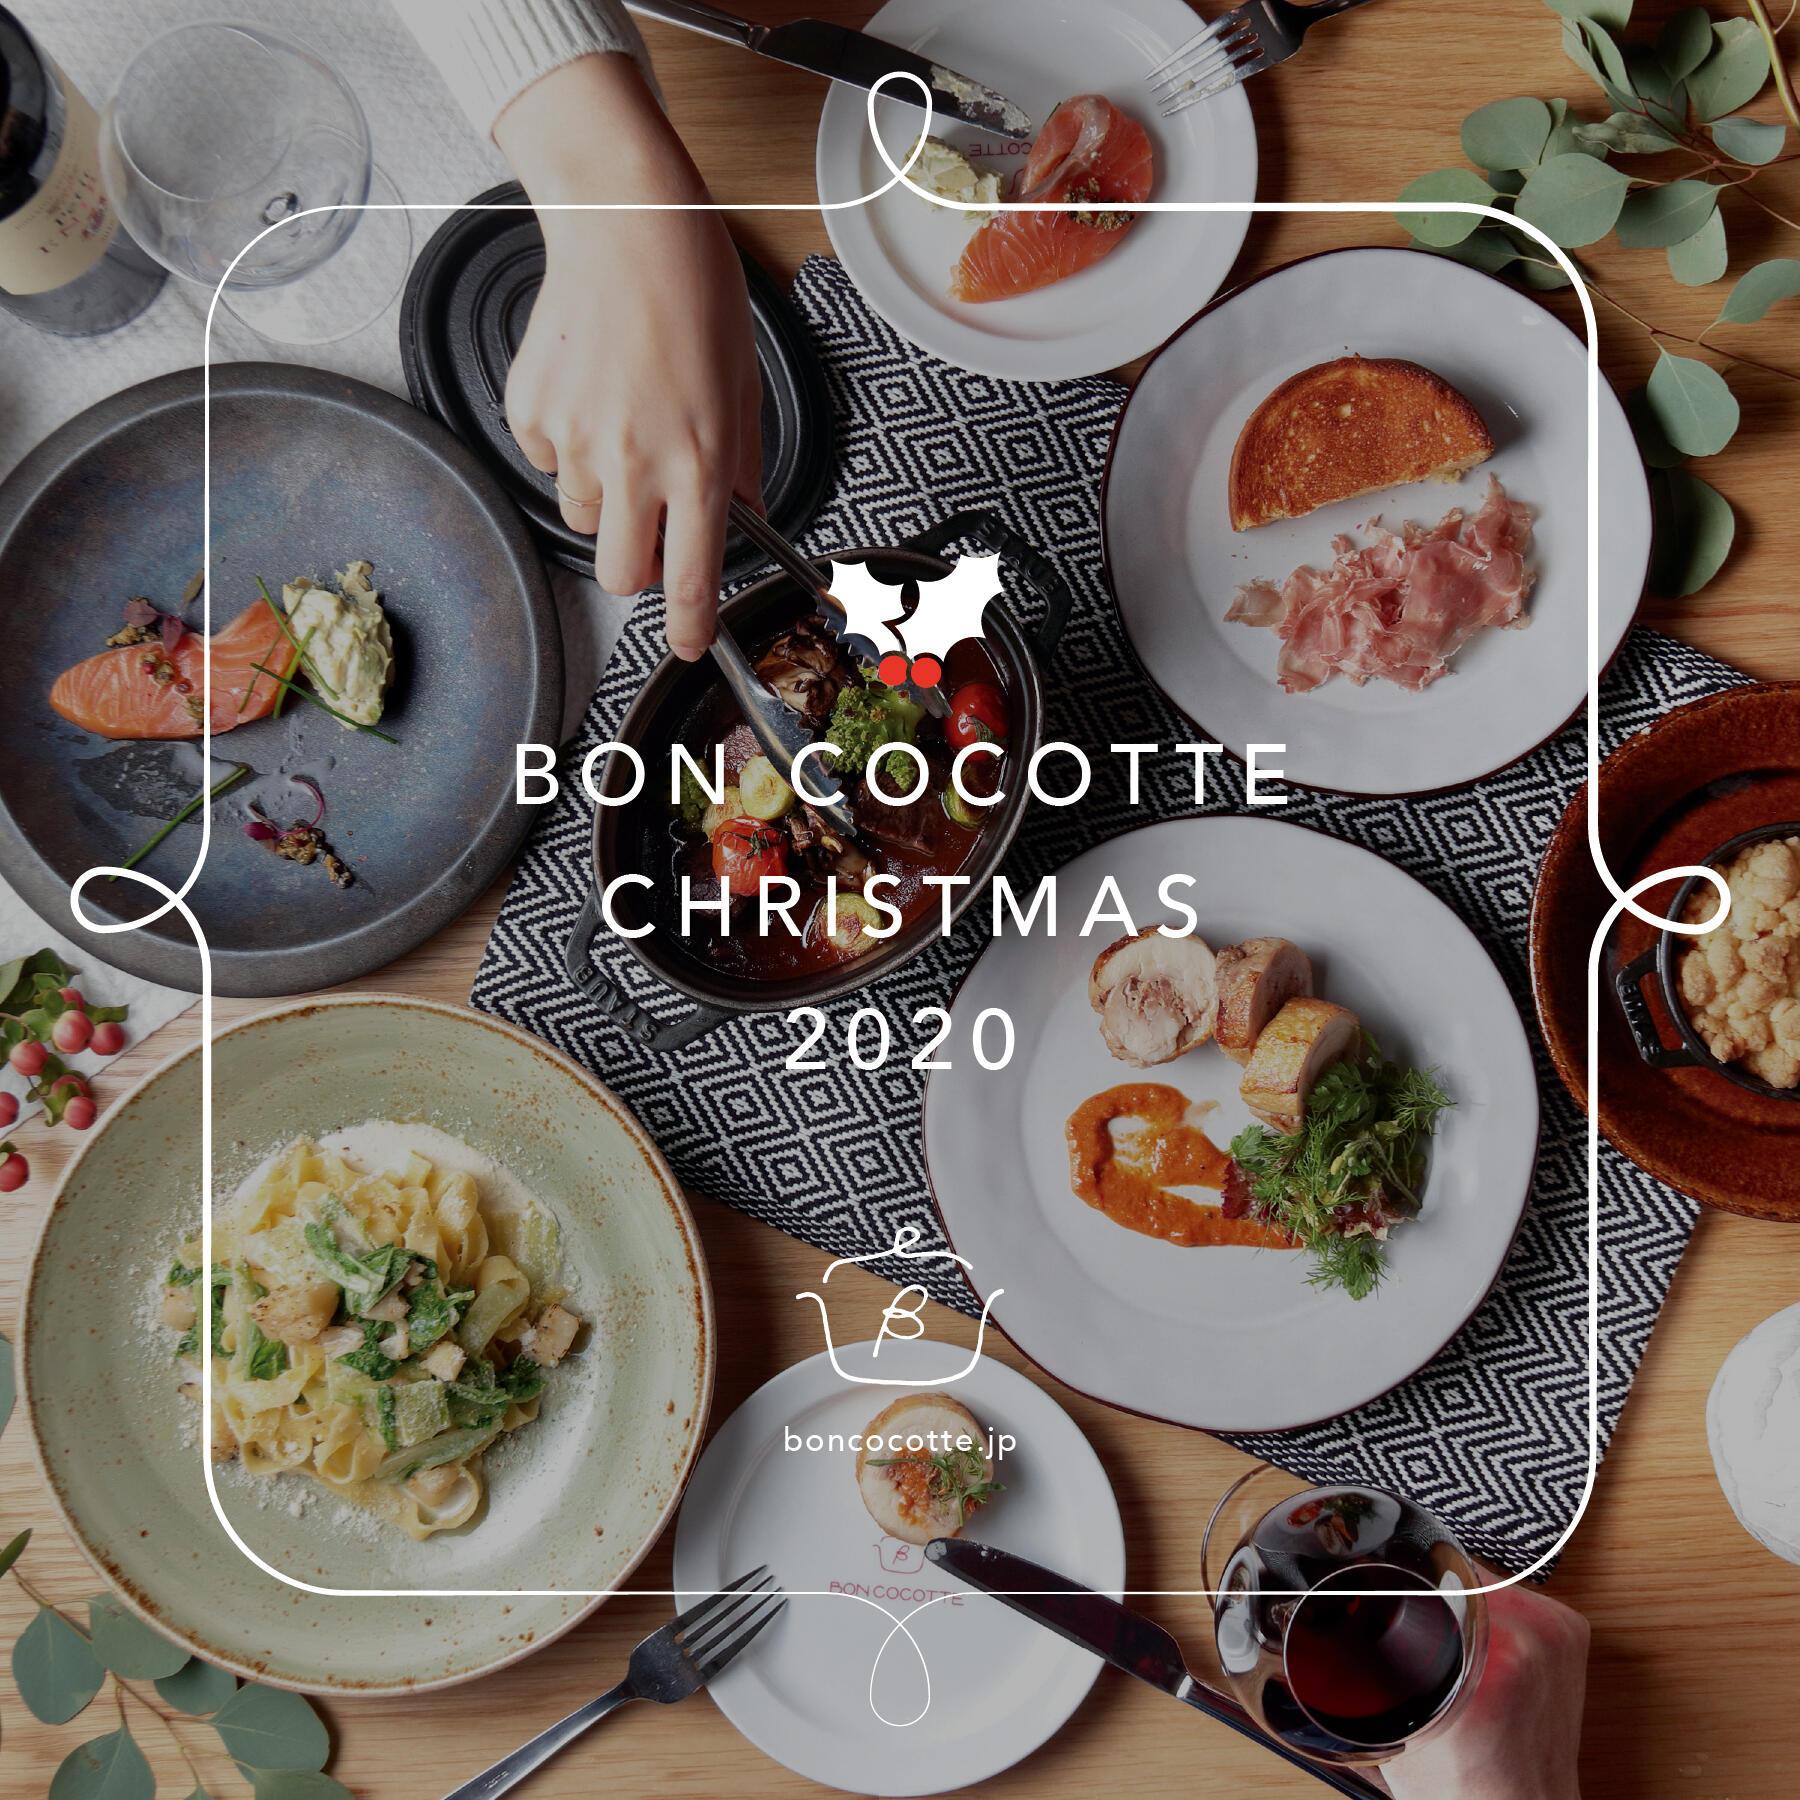 BON COCOTTE CHRISTMAS DINNER 2020